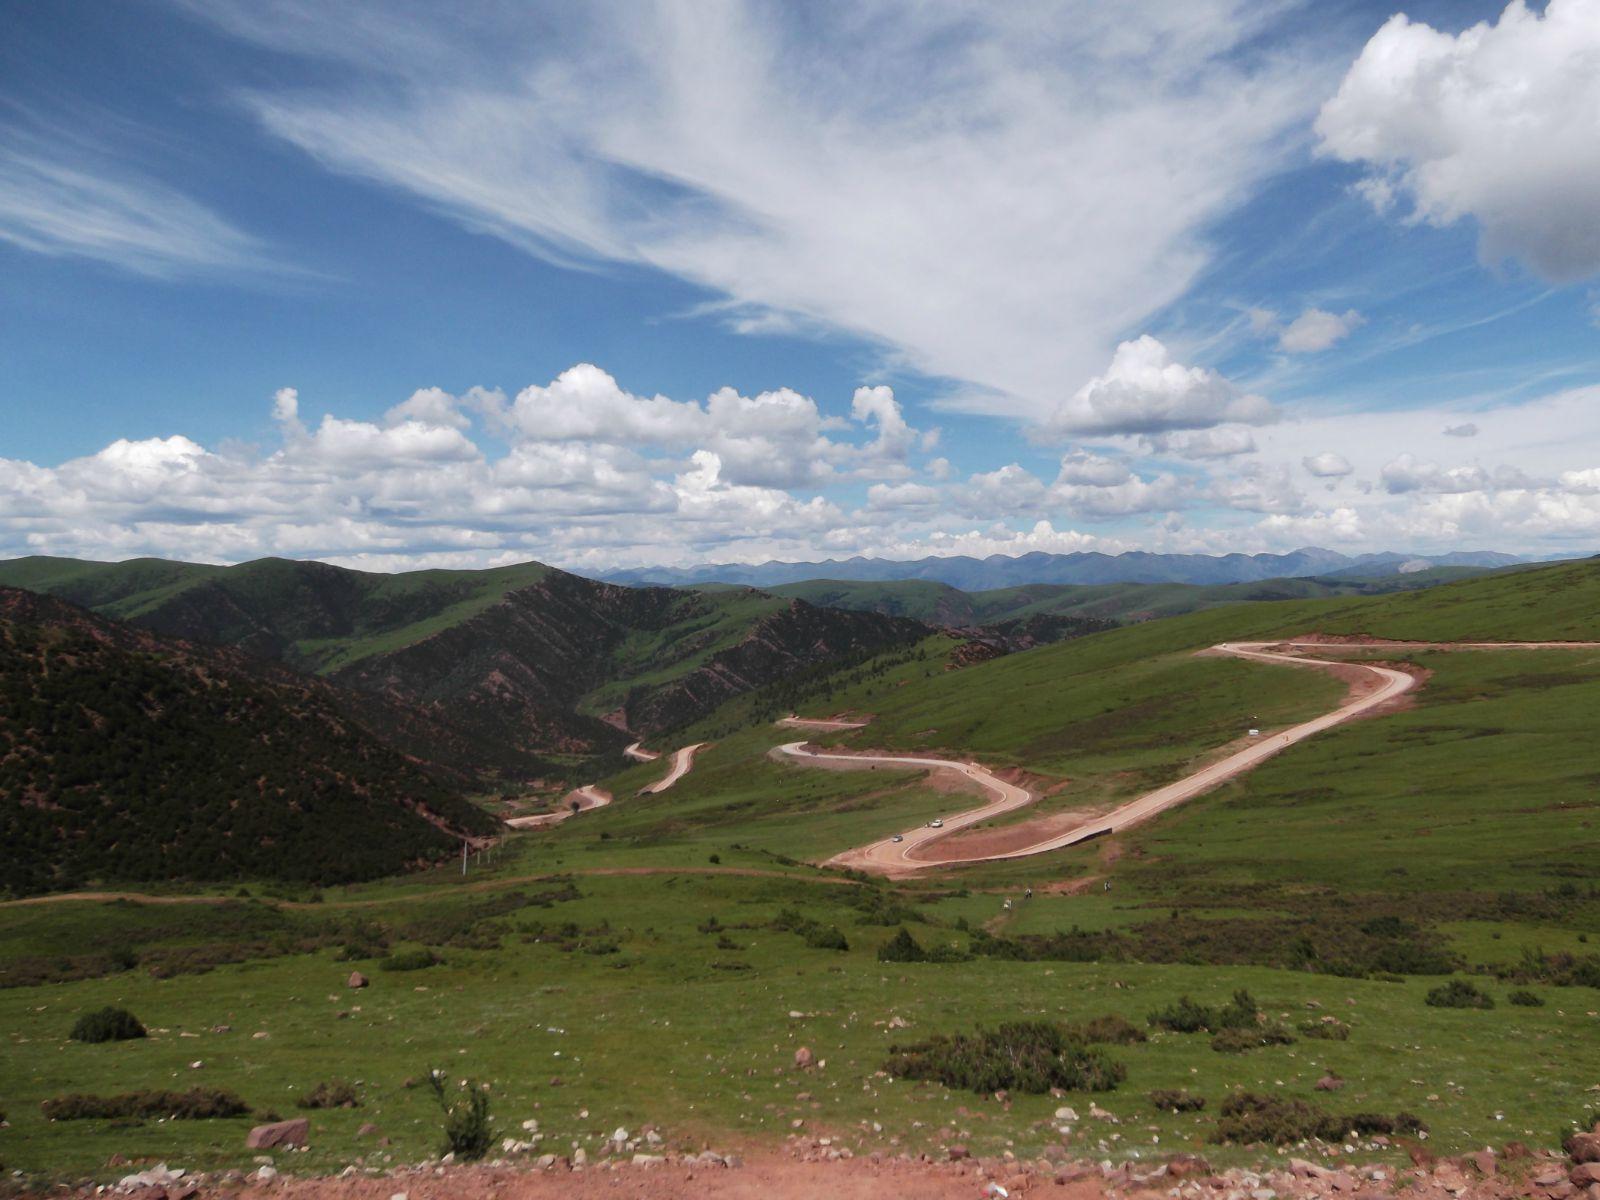 骑车去西藏:骑友骑行西藏美景图片分享 图4